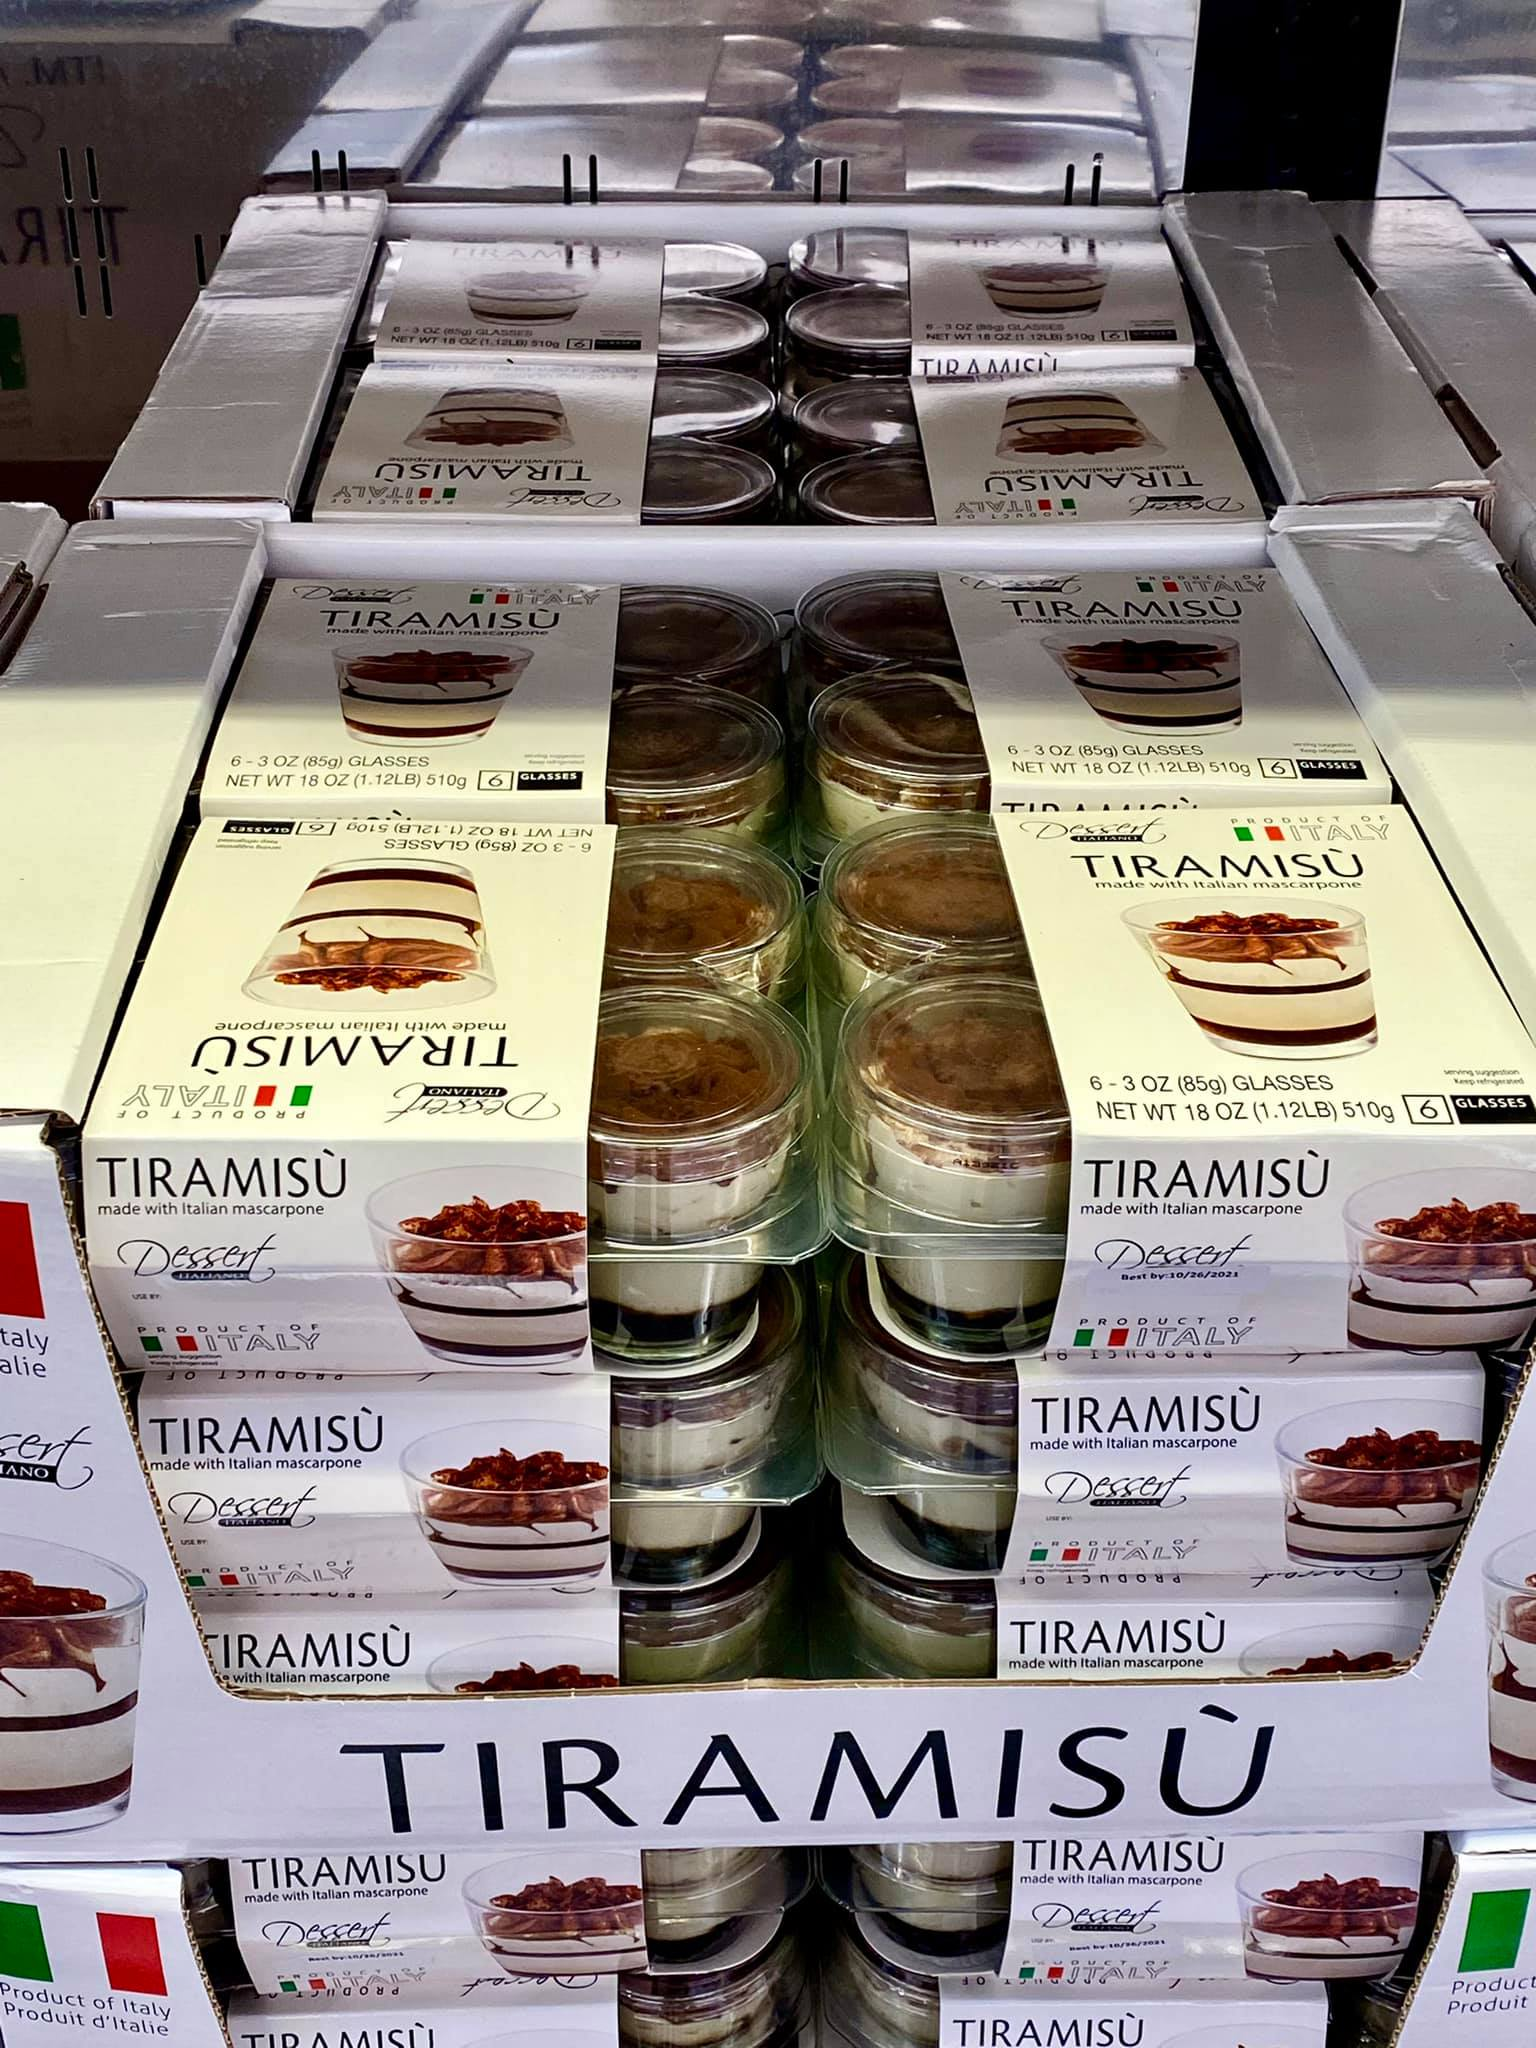 Fan Favorite Tiramisu Cups $6.99